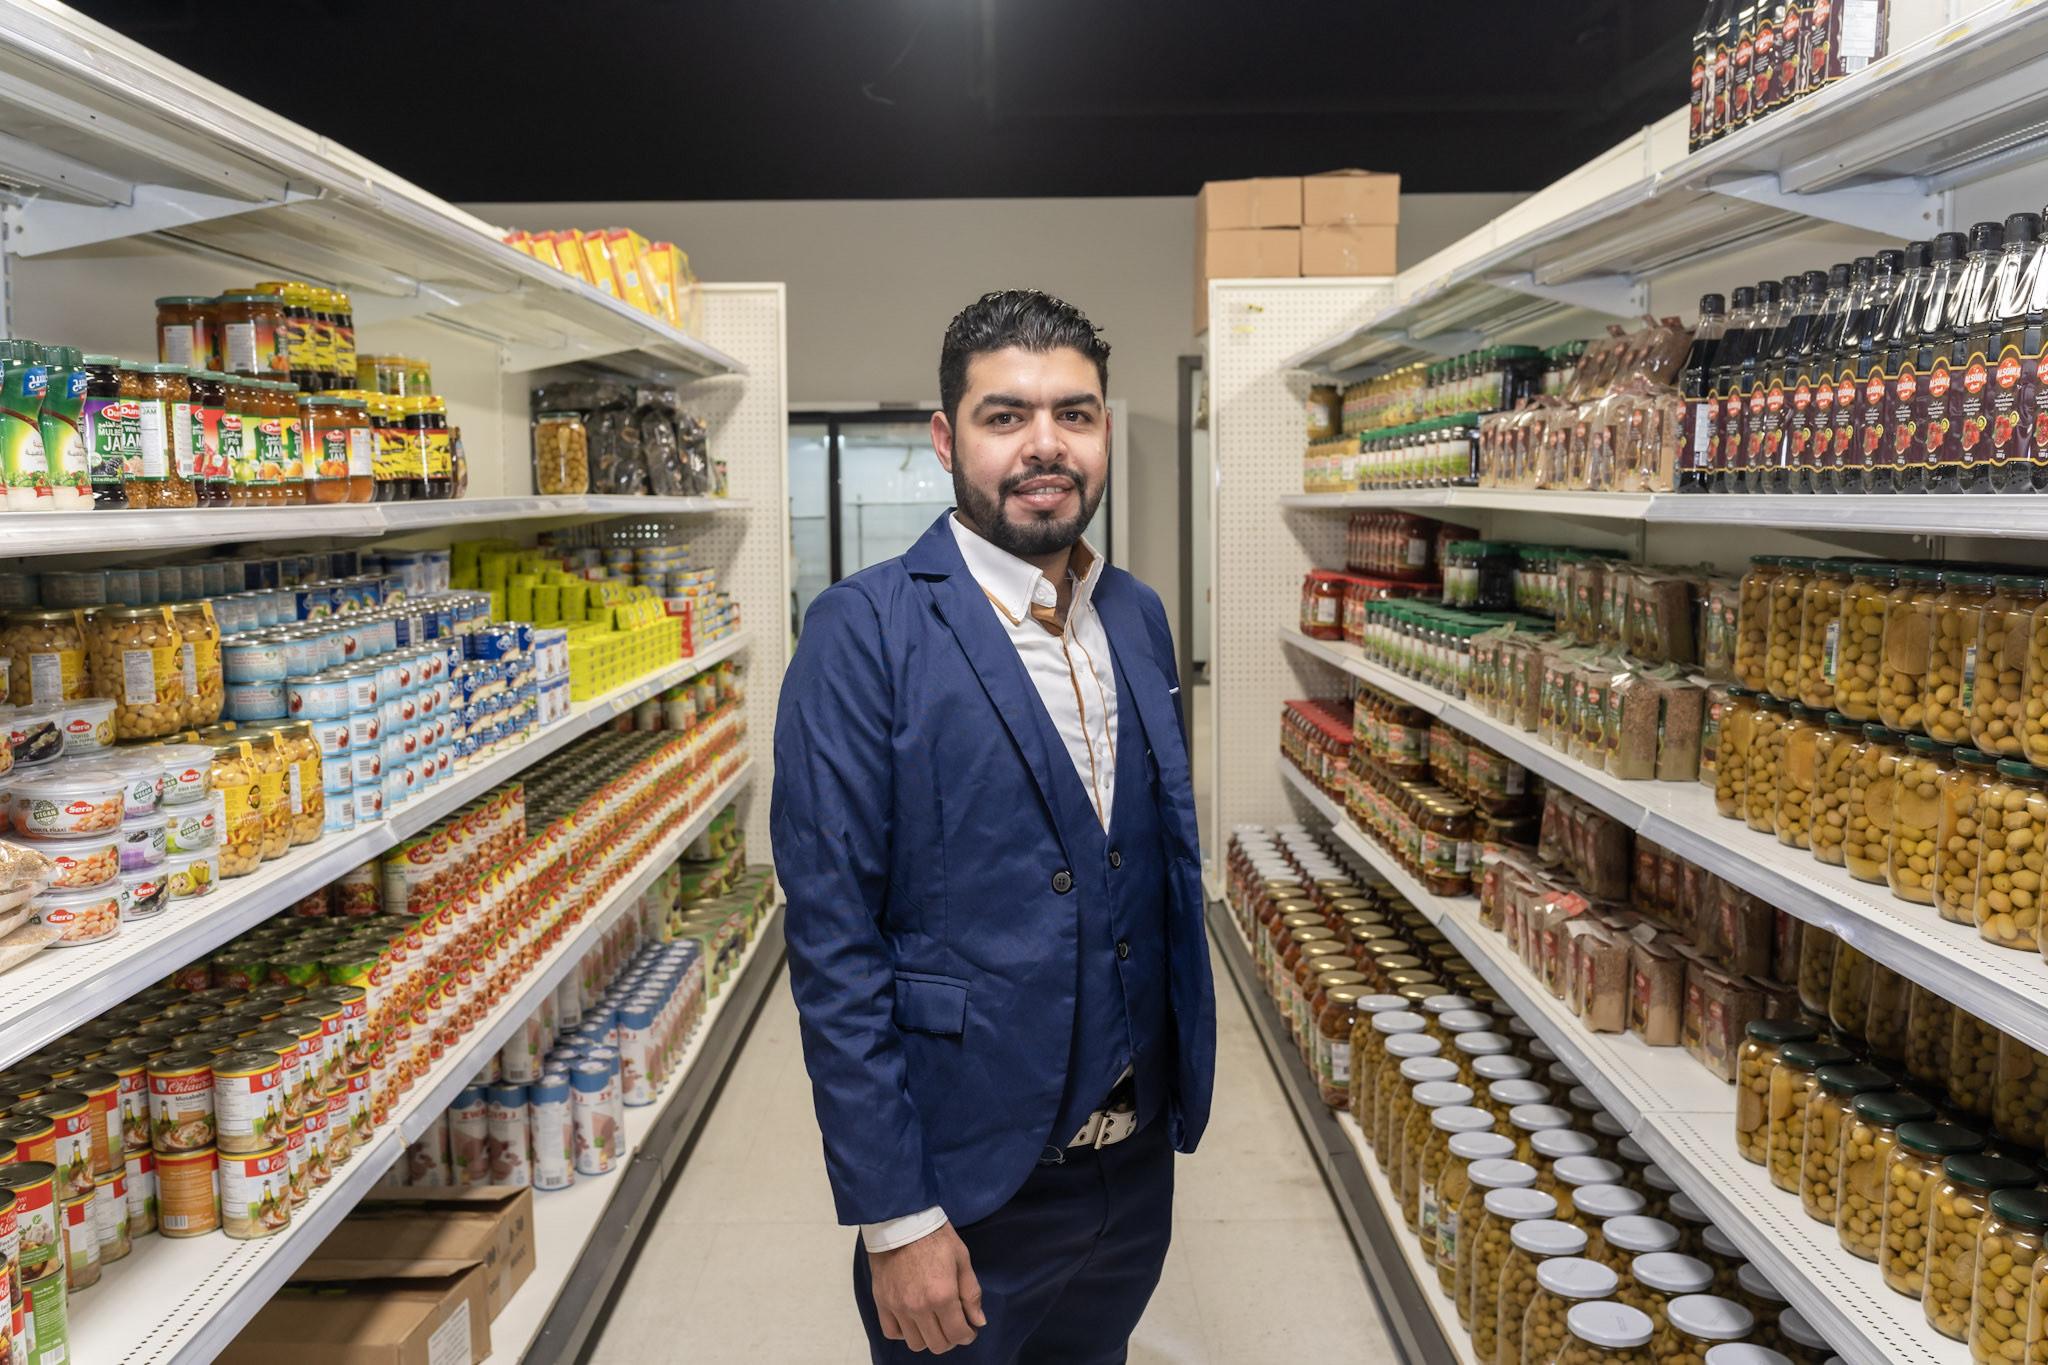 Syriana Market latest venture for serial entrepreneur